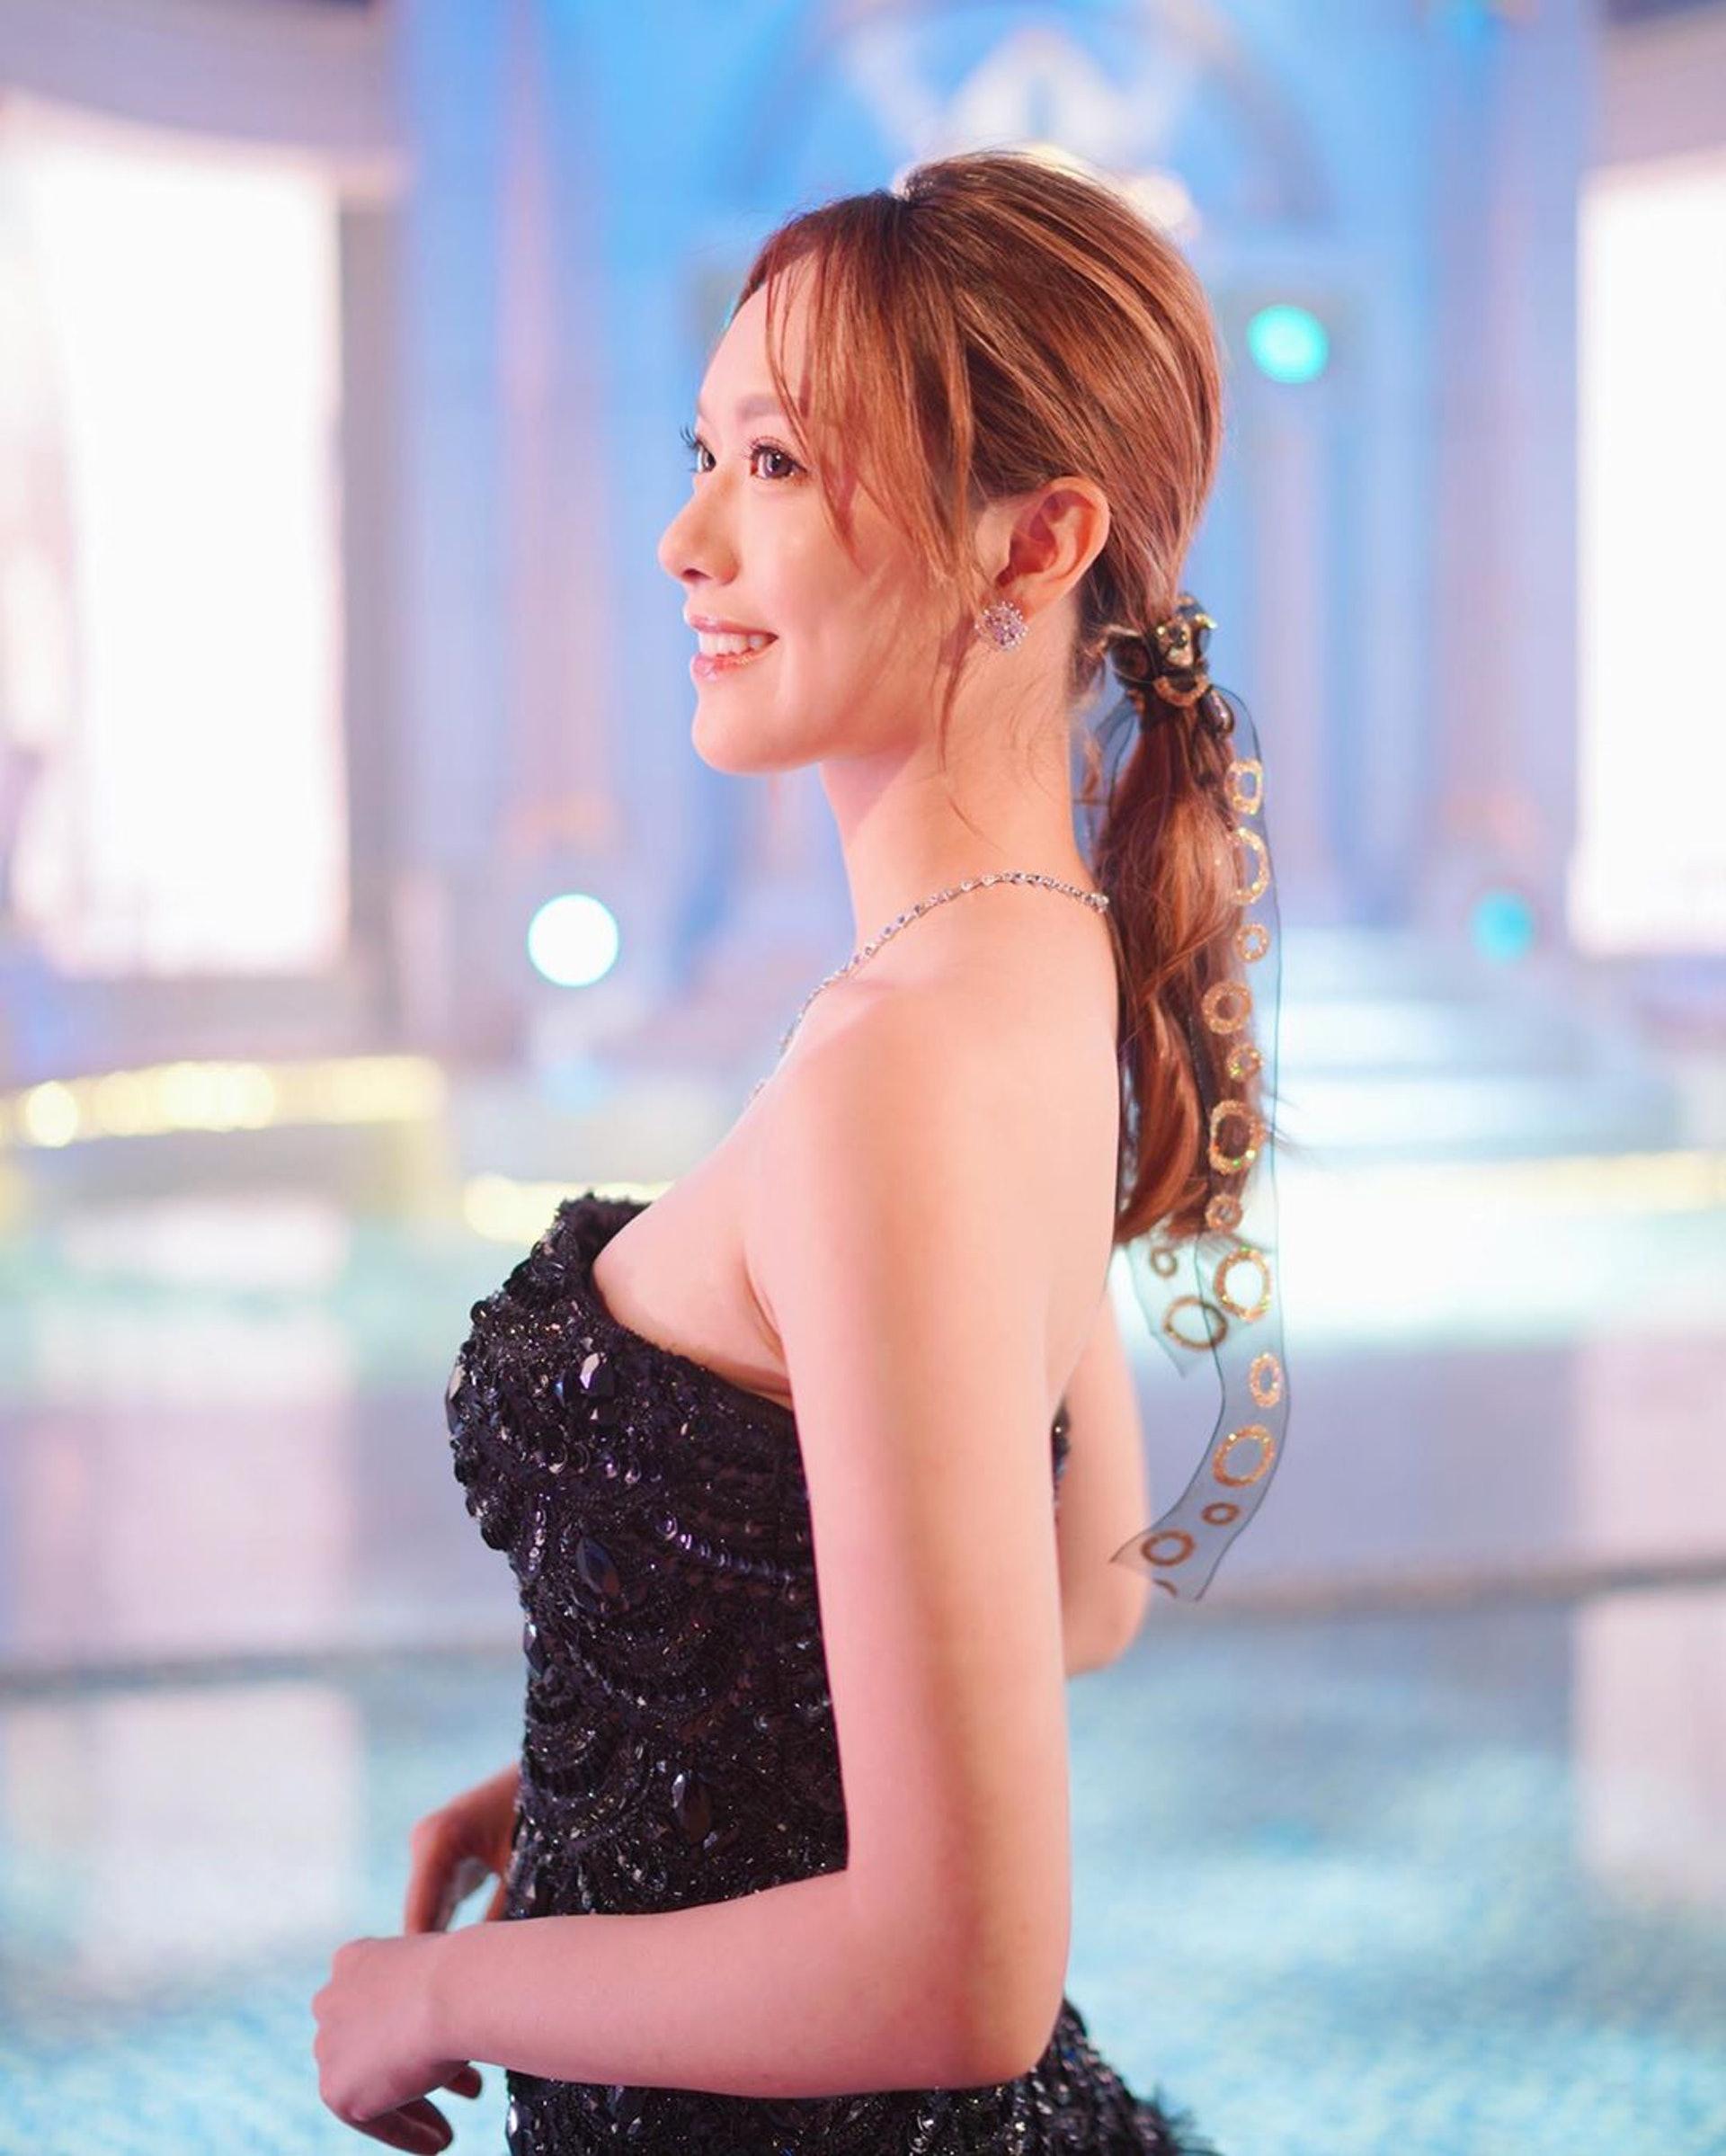 馮盈盈是《2016年度香港小姐競選》冠軍、《2017年度國際中華小姐競選》季軍。(Instagram/@crystalfyy)